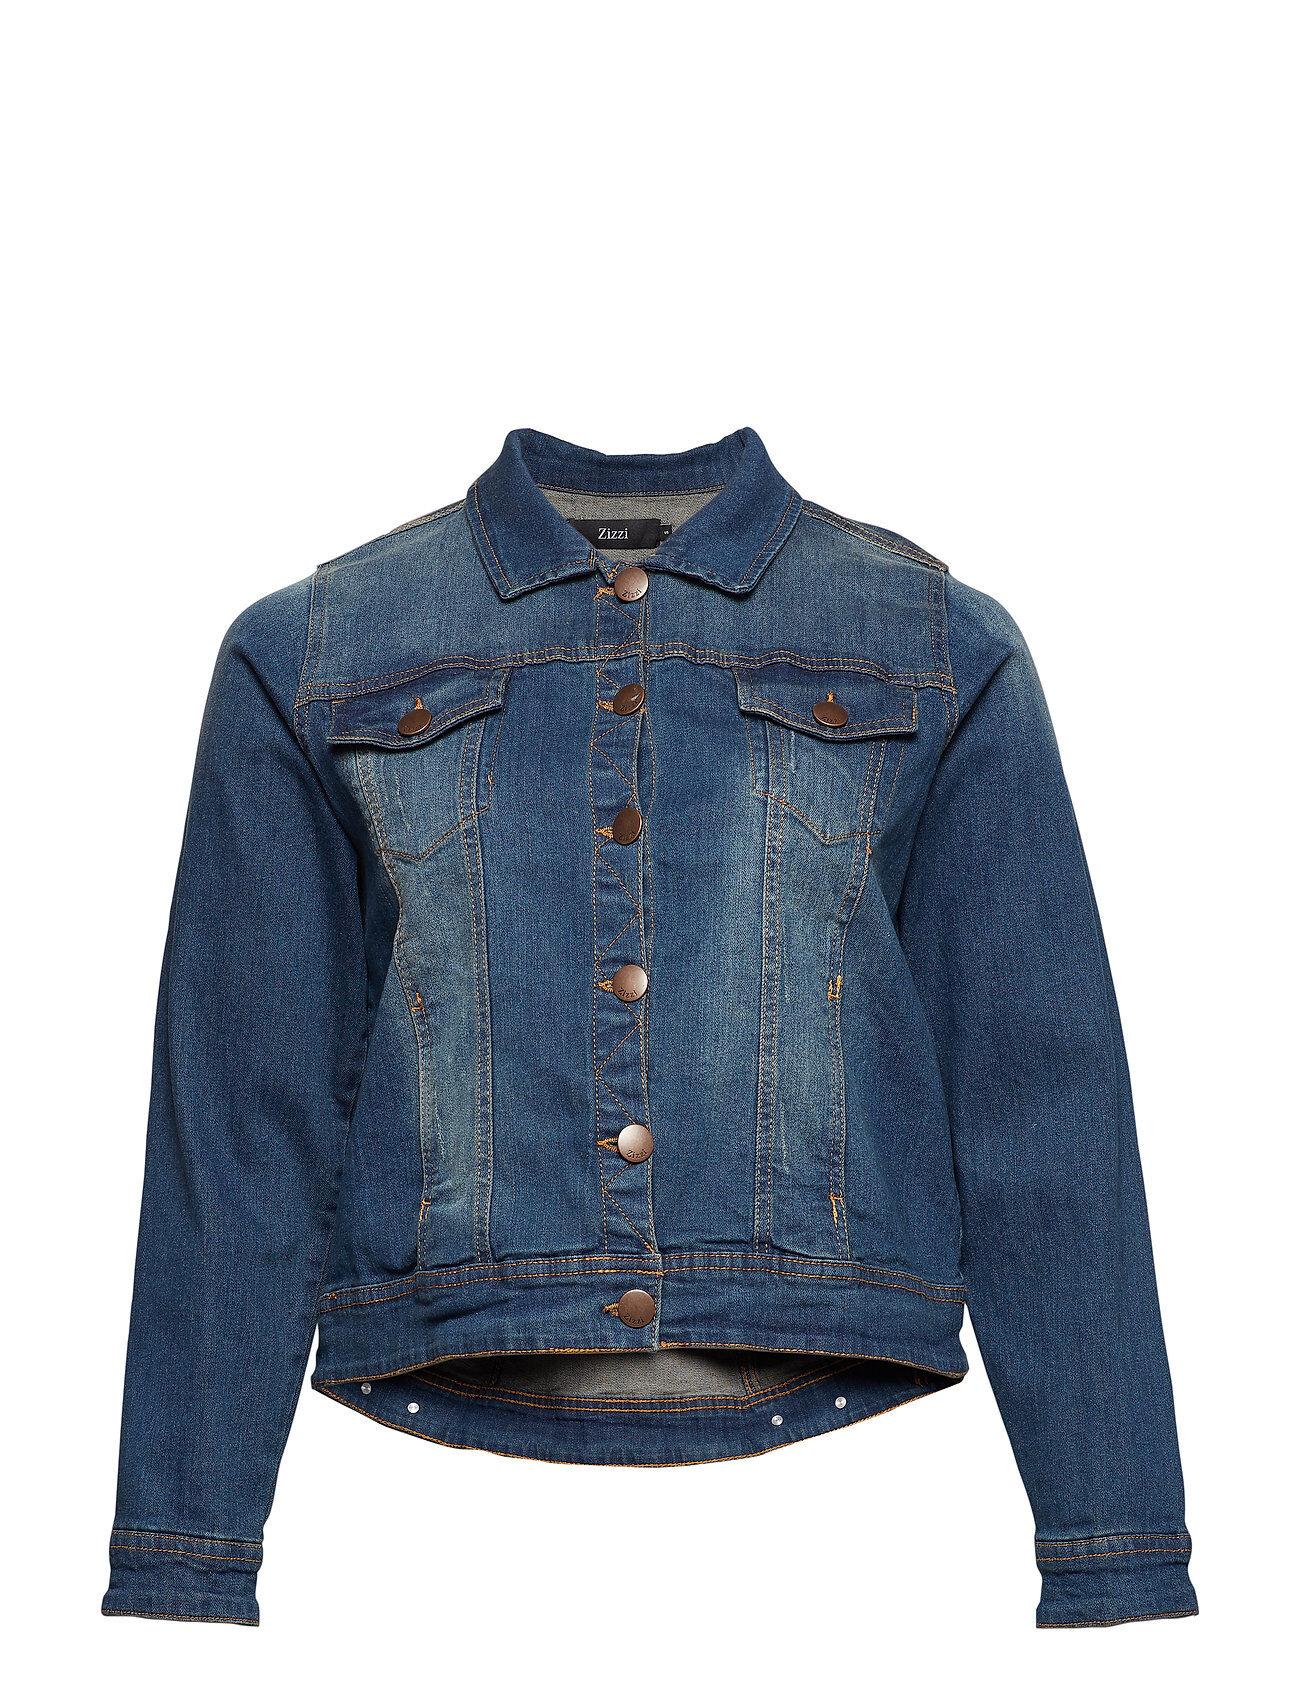 Zizzi Jacket, Long Sleeve